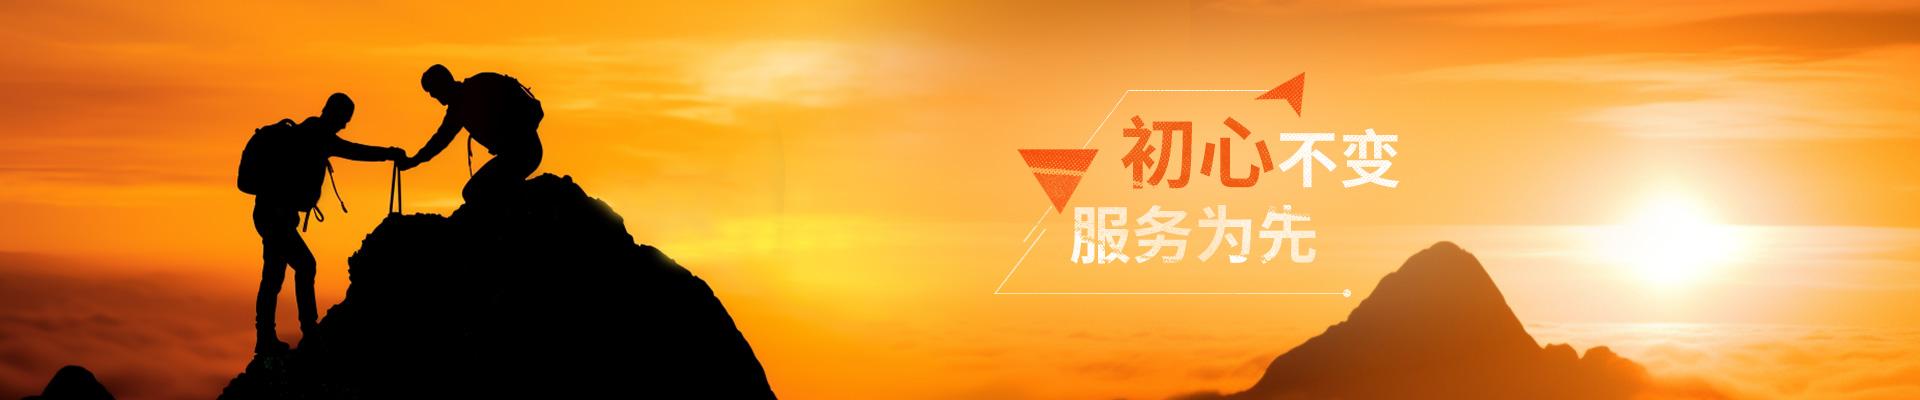 探索远方(厦门)影视产业集团有限公司